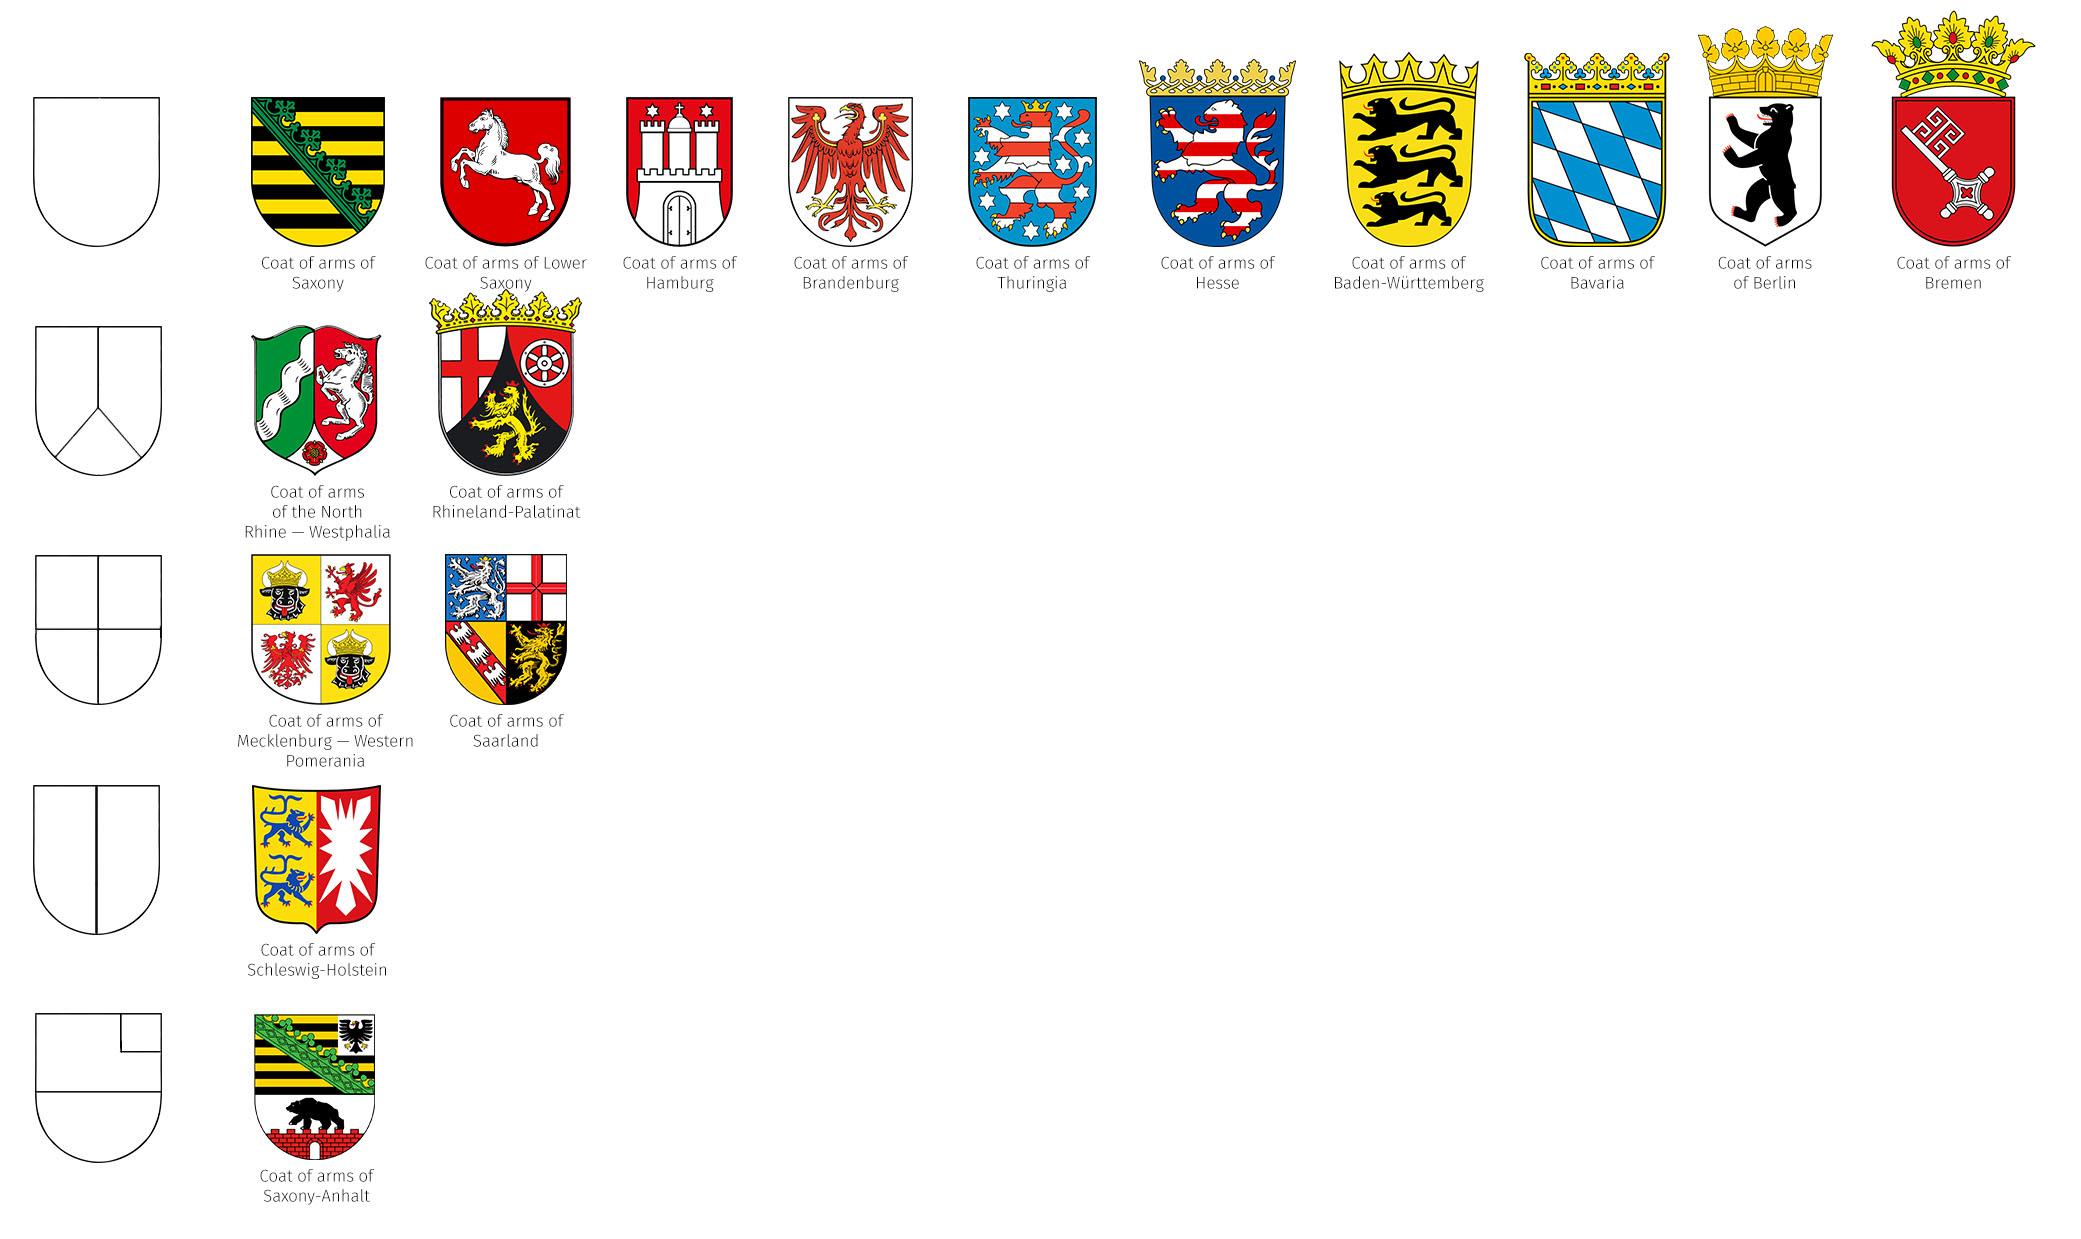 en55-heraldry-of-german-states_25